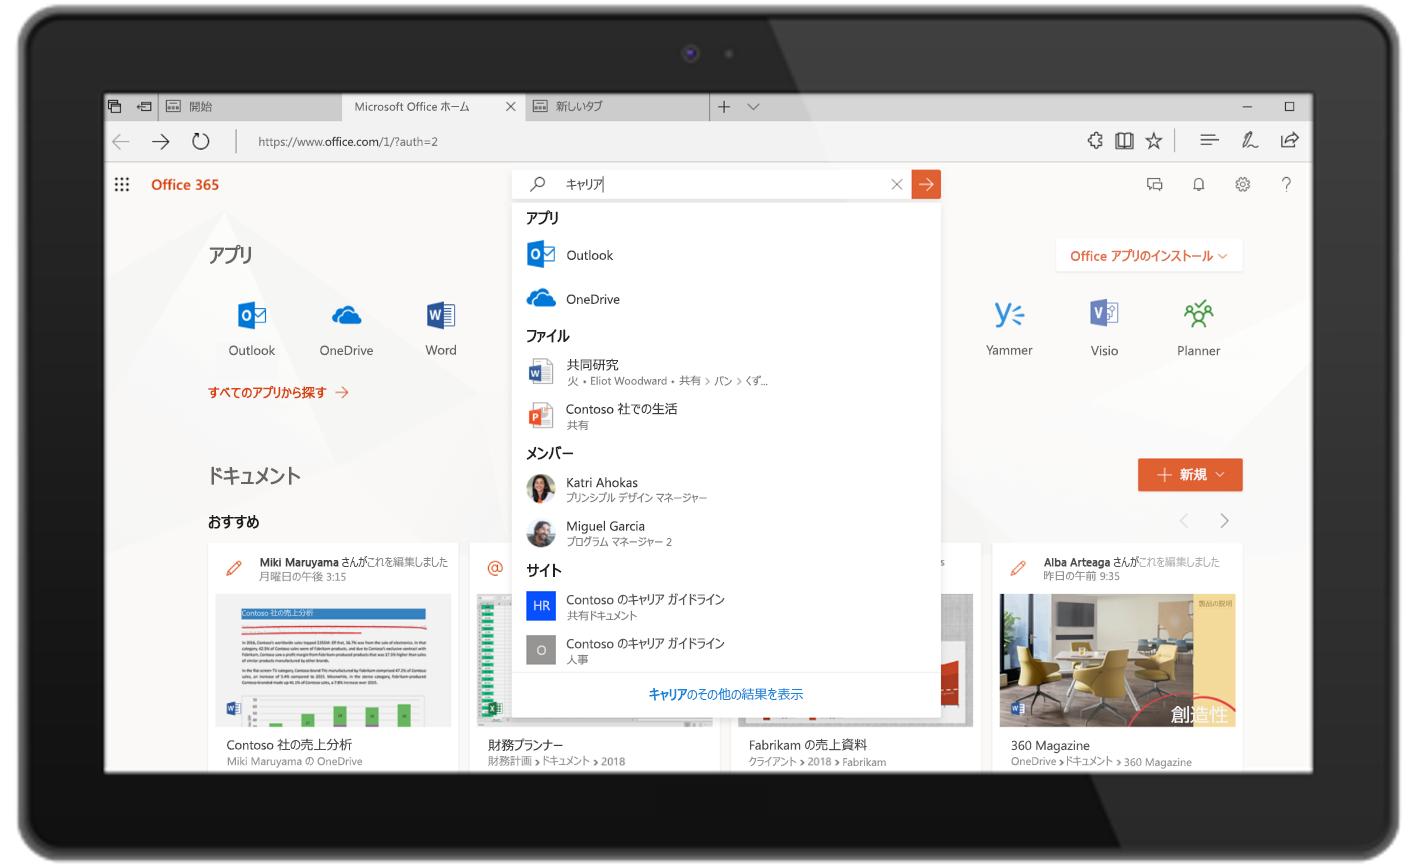 Office.com における Microsoft Search を示す画像。